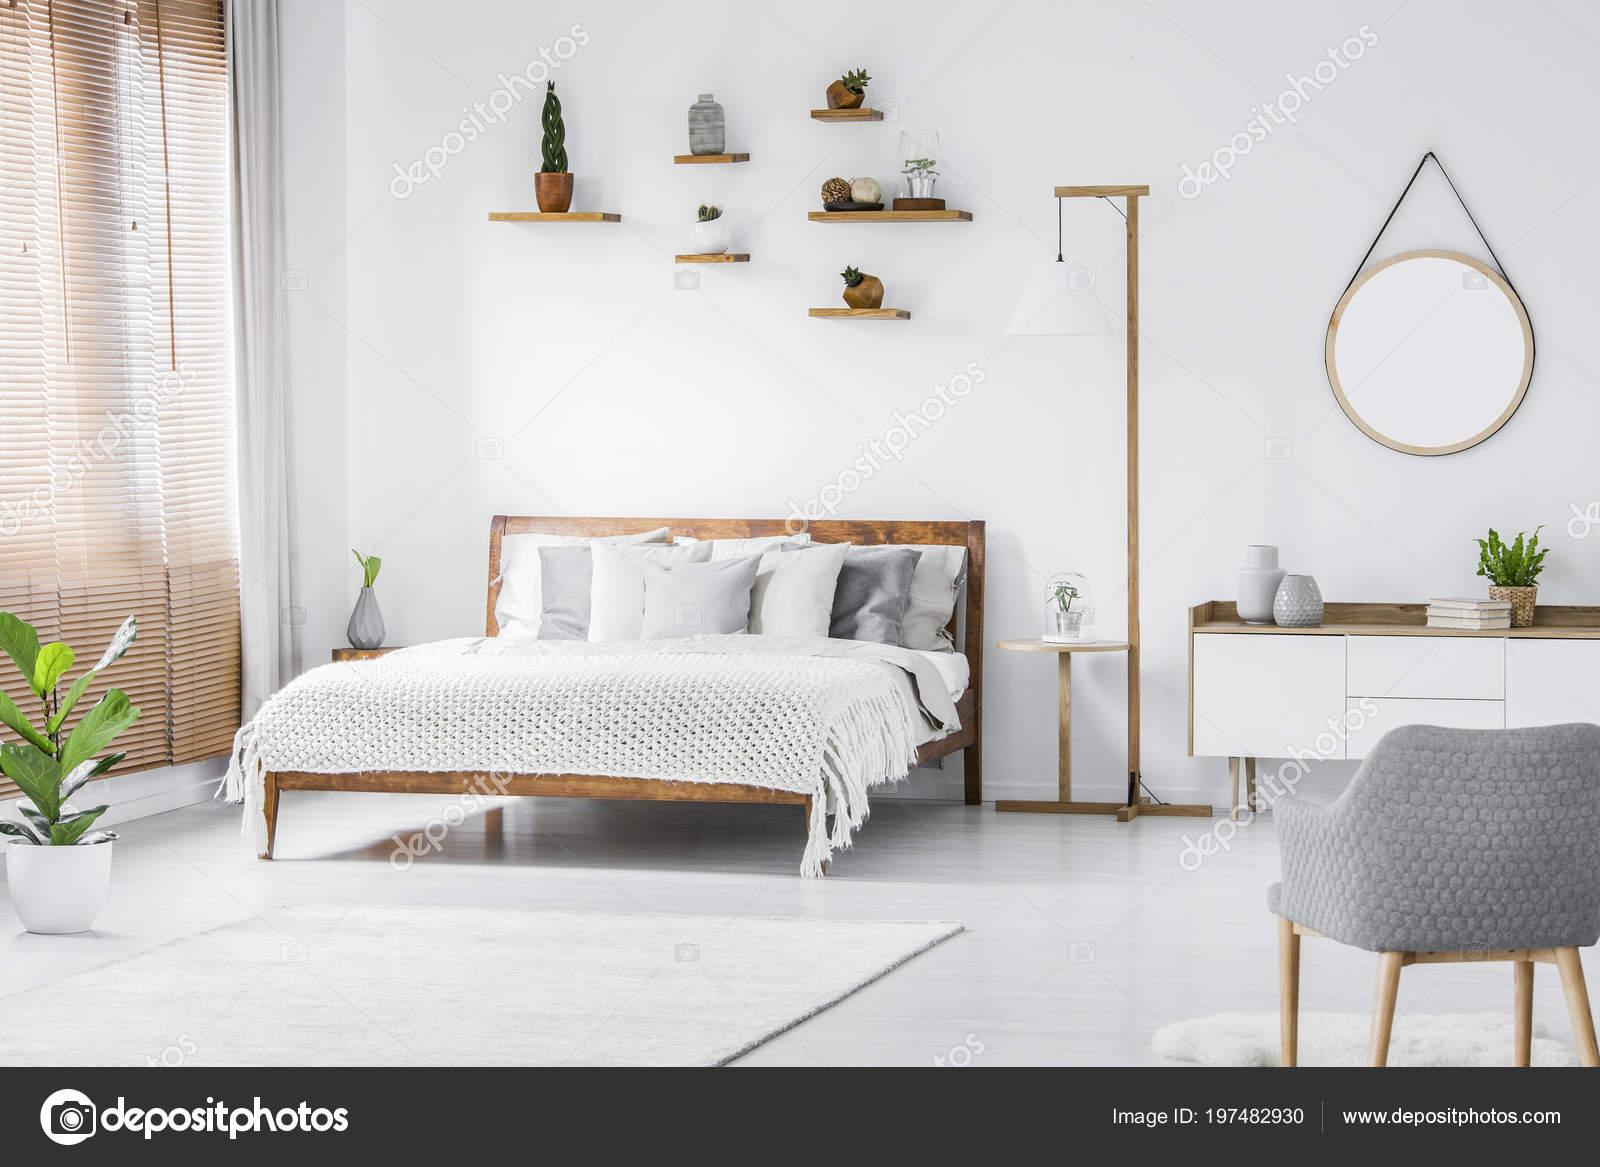 miroir rond haut armoire intrieur chambre blanche grise avec fauteuil photo